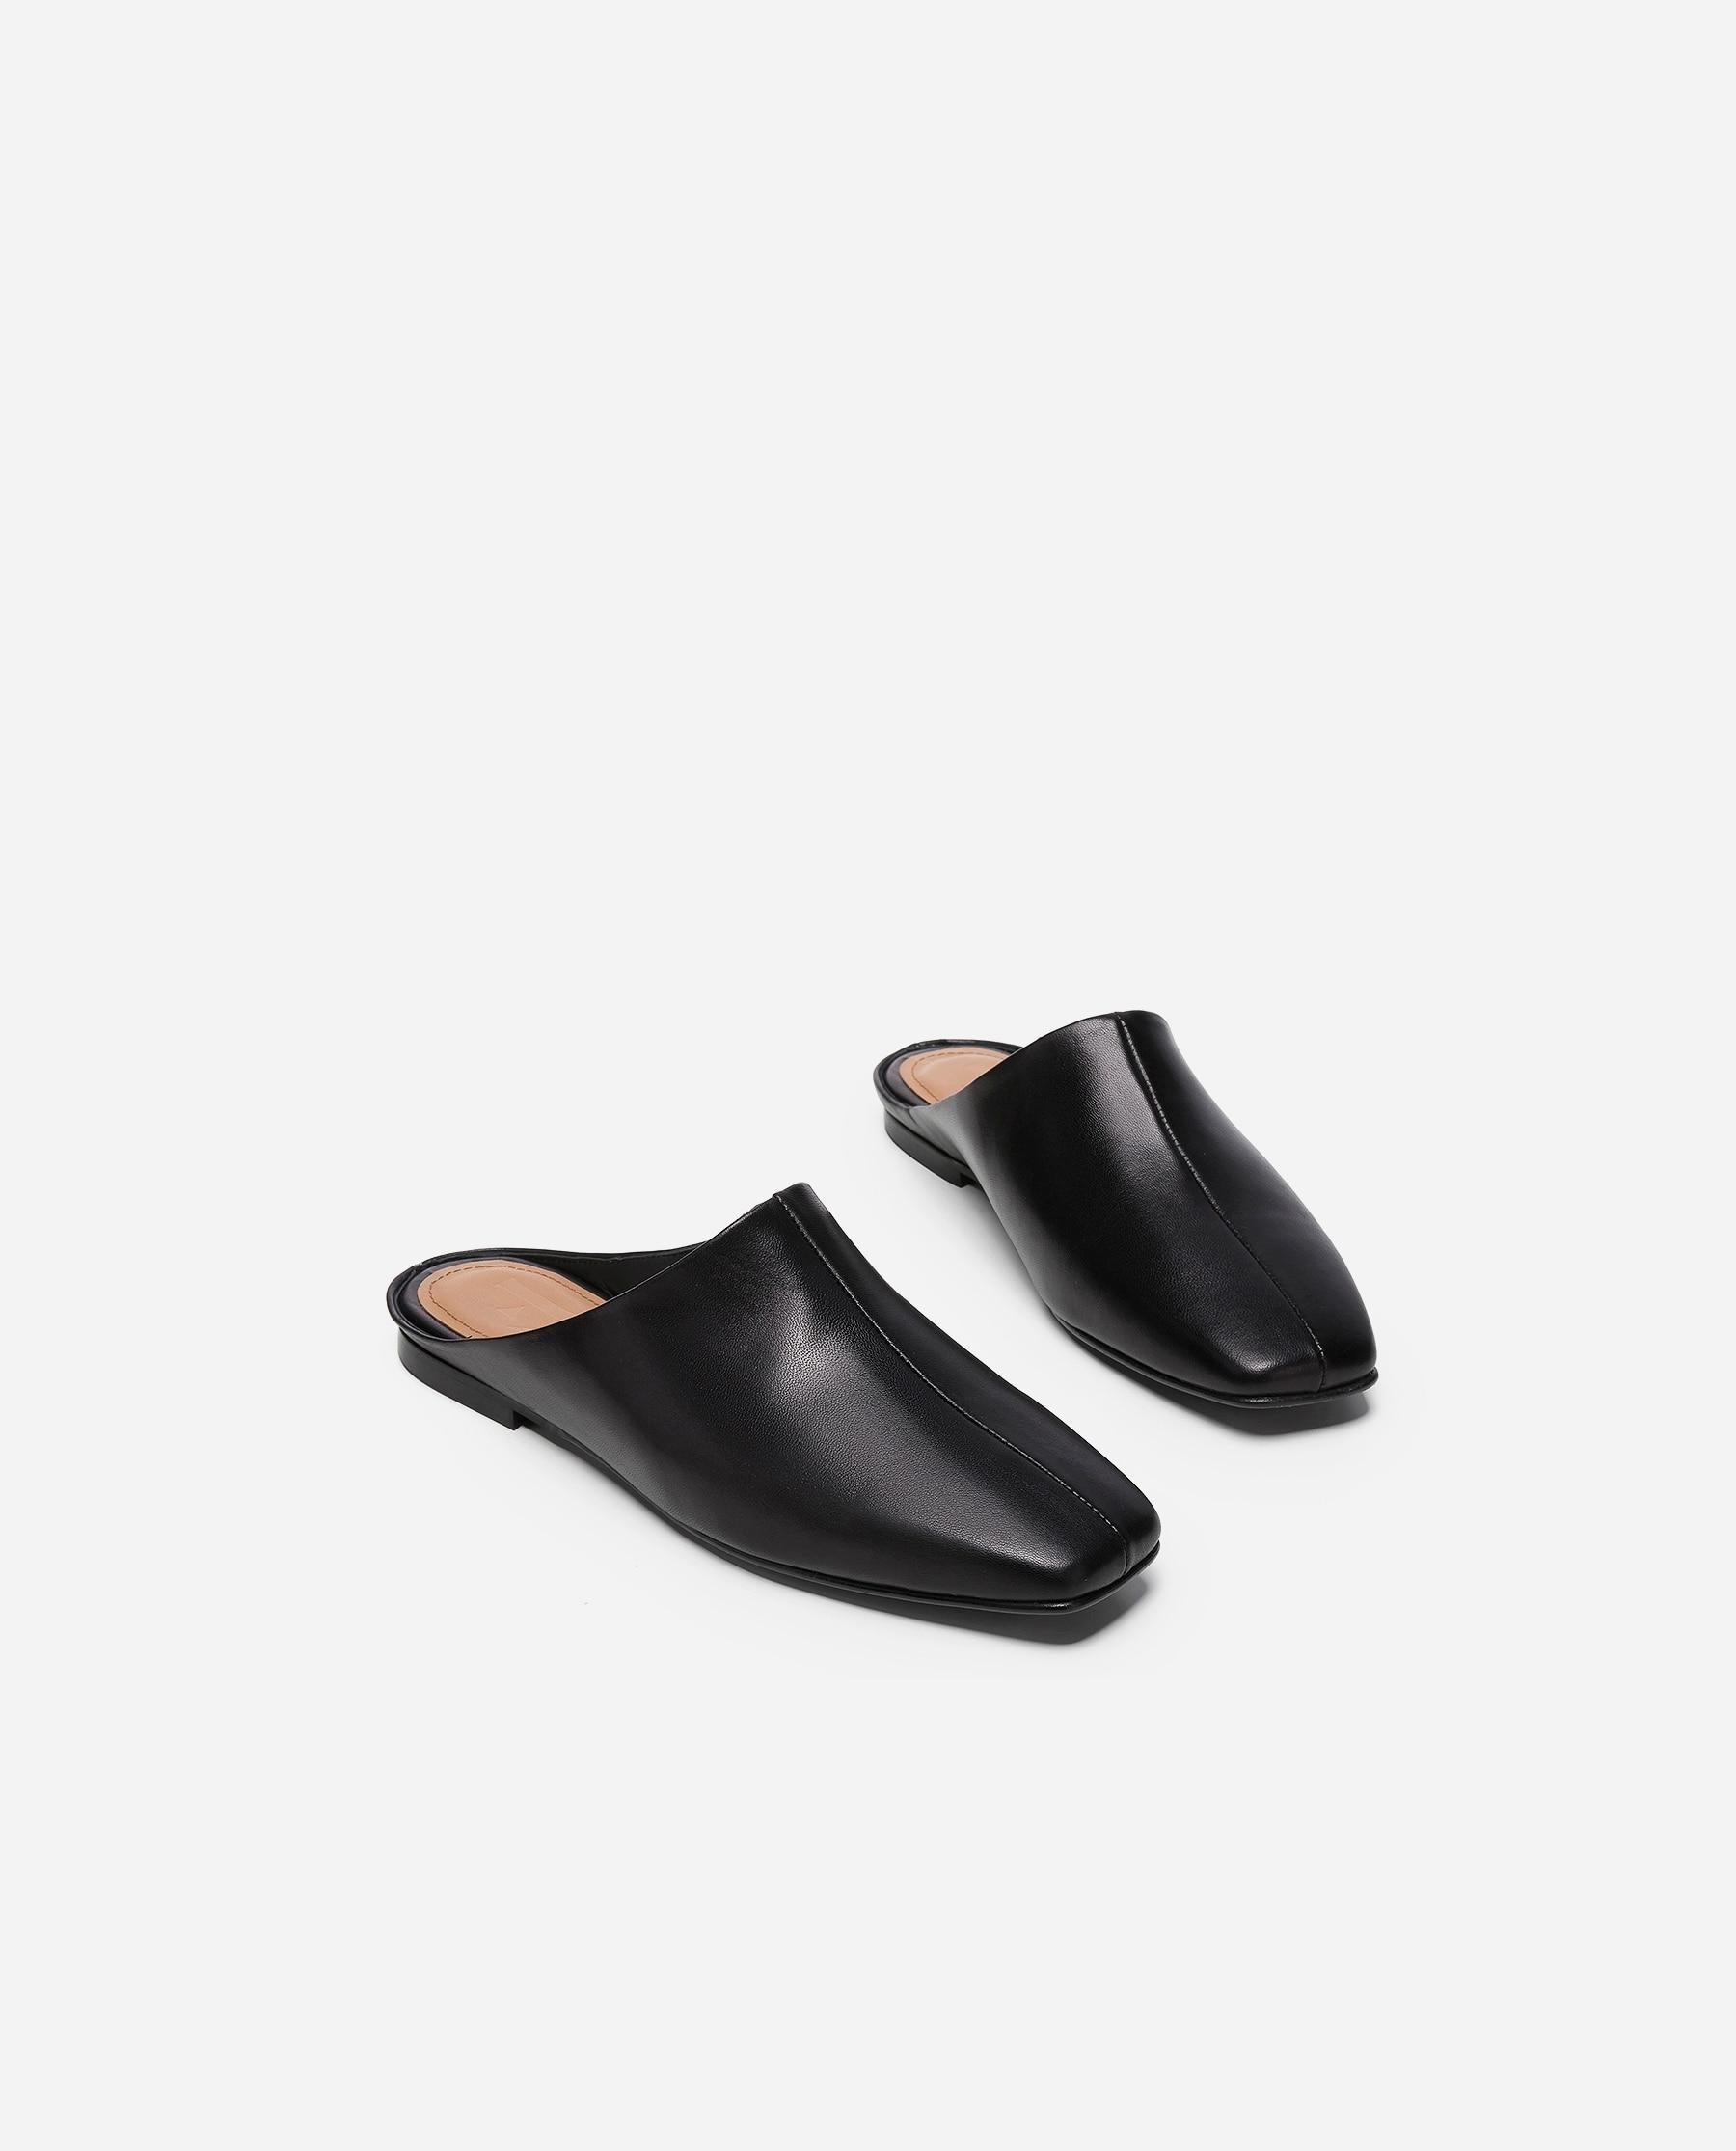 Noa Leather Black